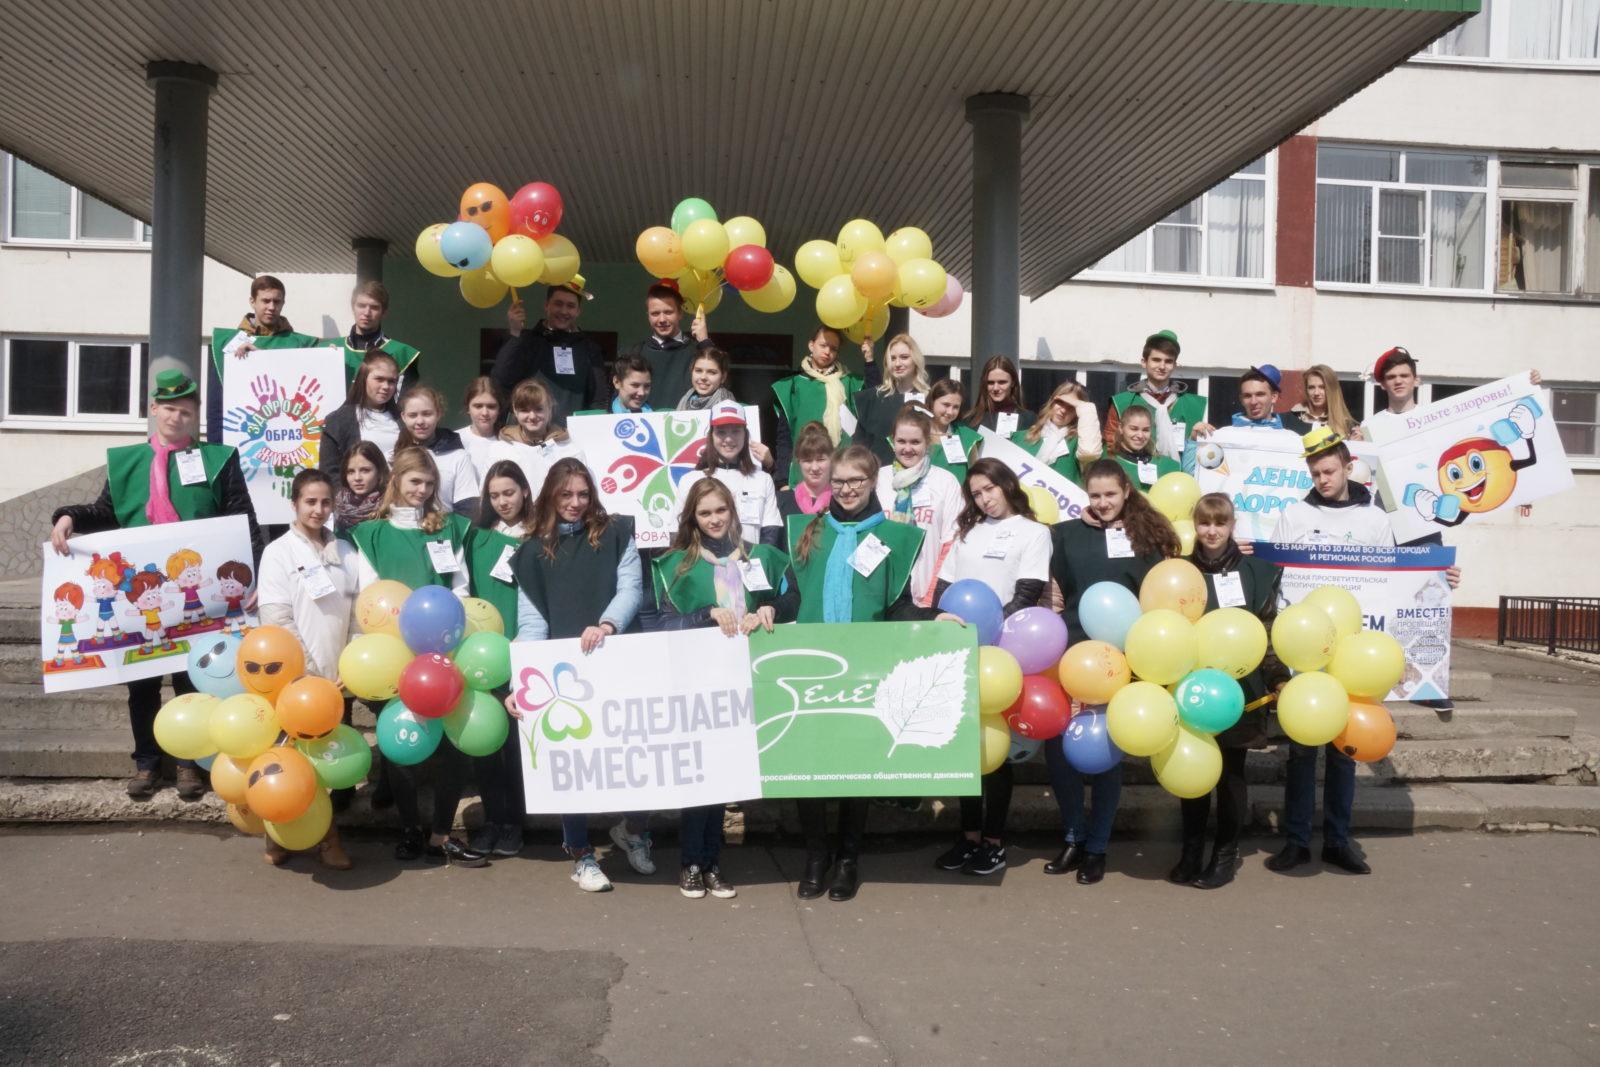 ЭКОлидеры акции «Сделаем вместе!» в проекте «Любимому городу — здоровое поколение»